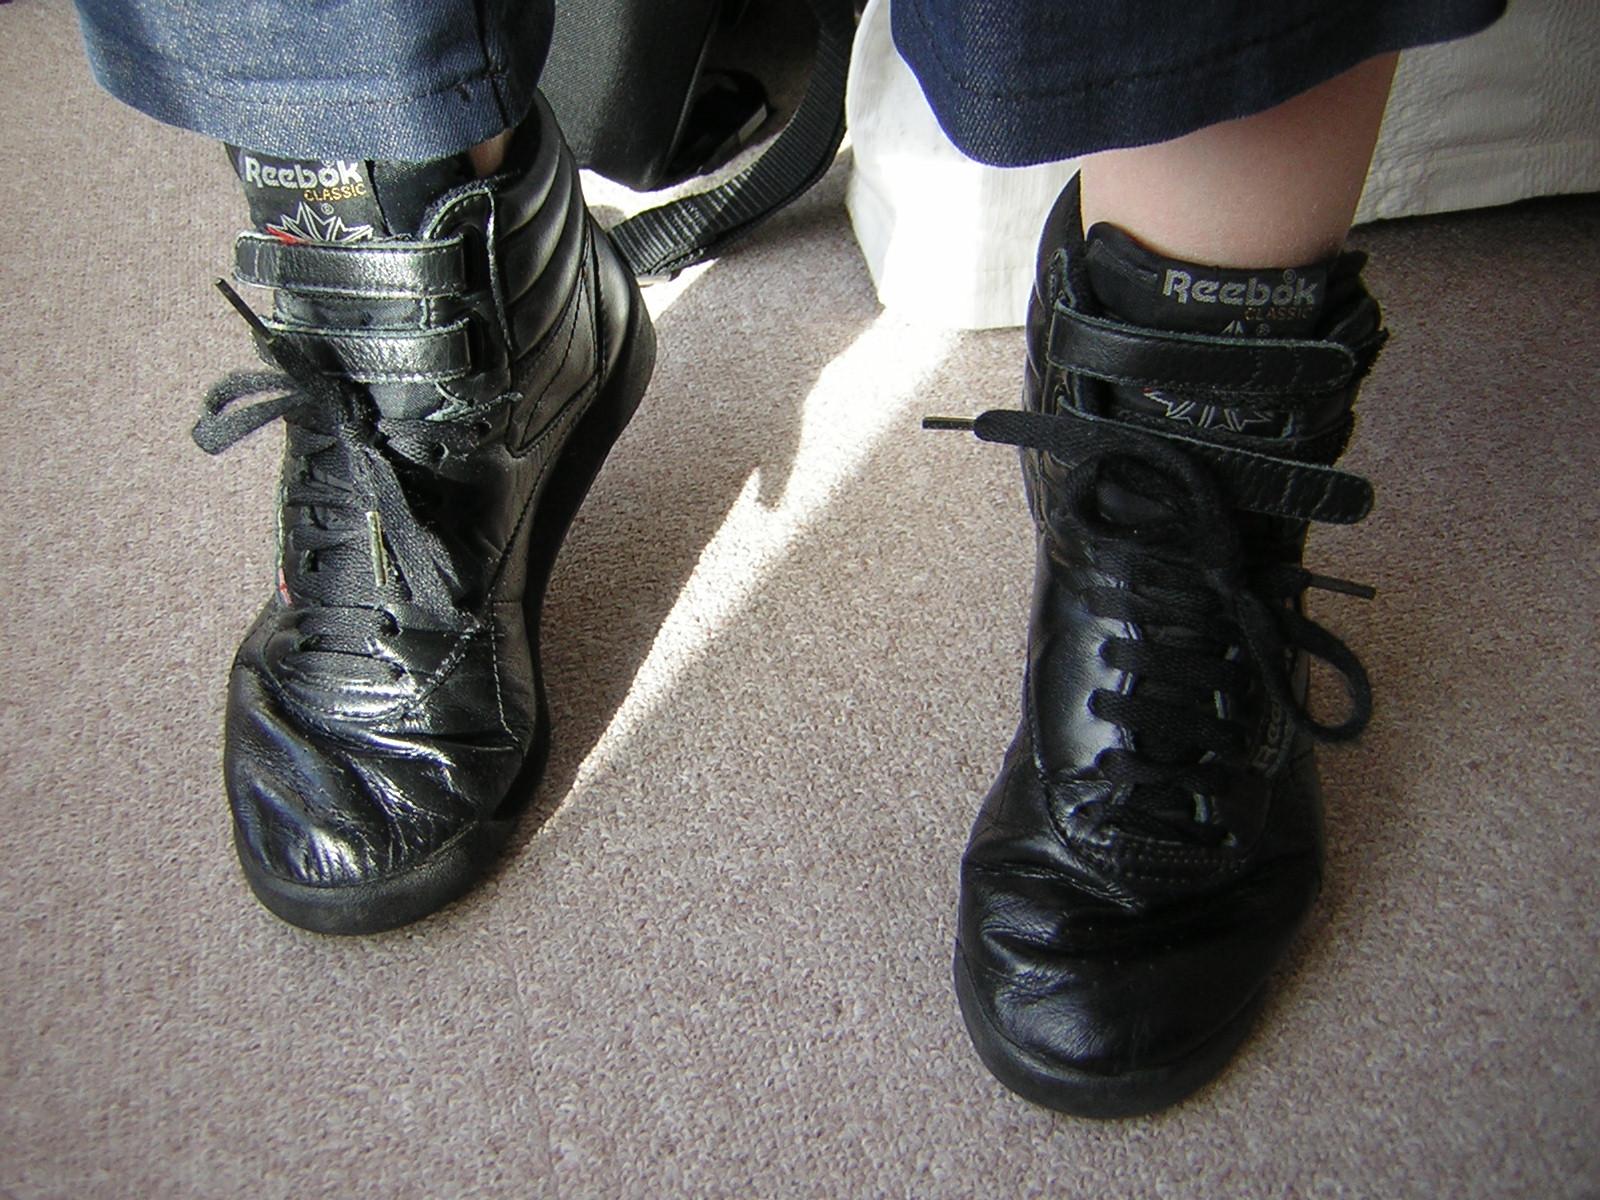 różne kolory specjalne do butów nowe promocje File:Reebok freestyle hight black 002.jpg - Wikimedia Commons